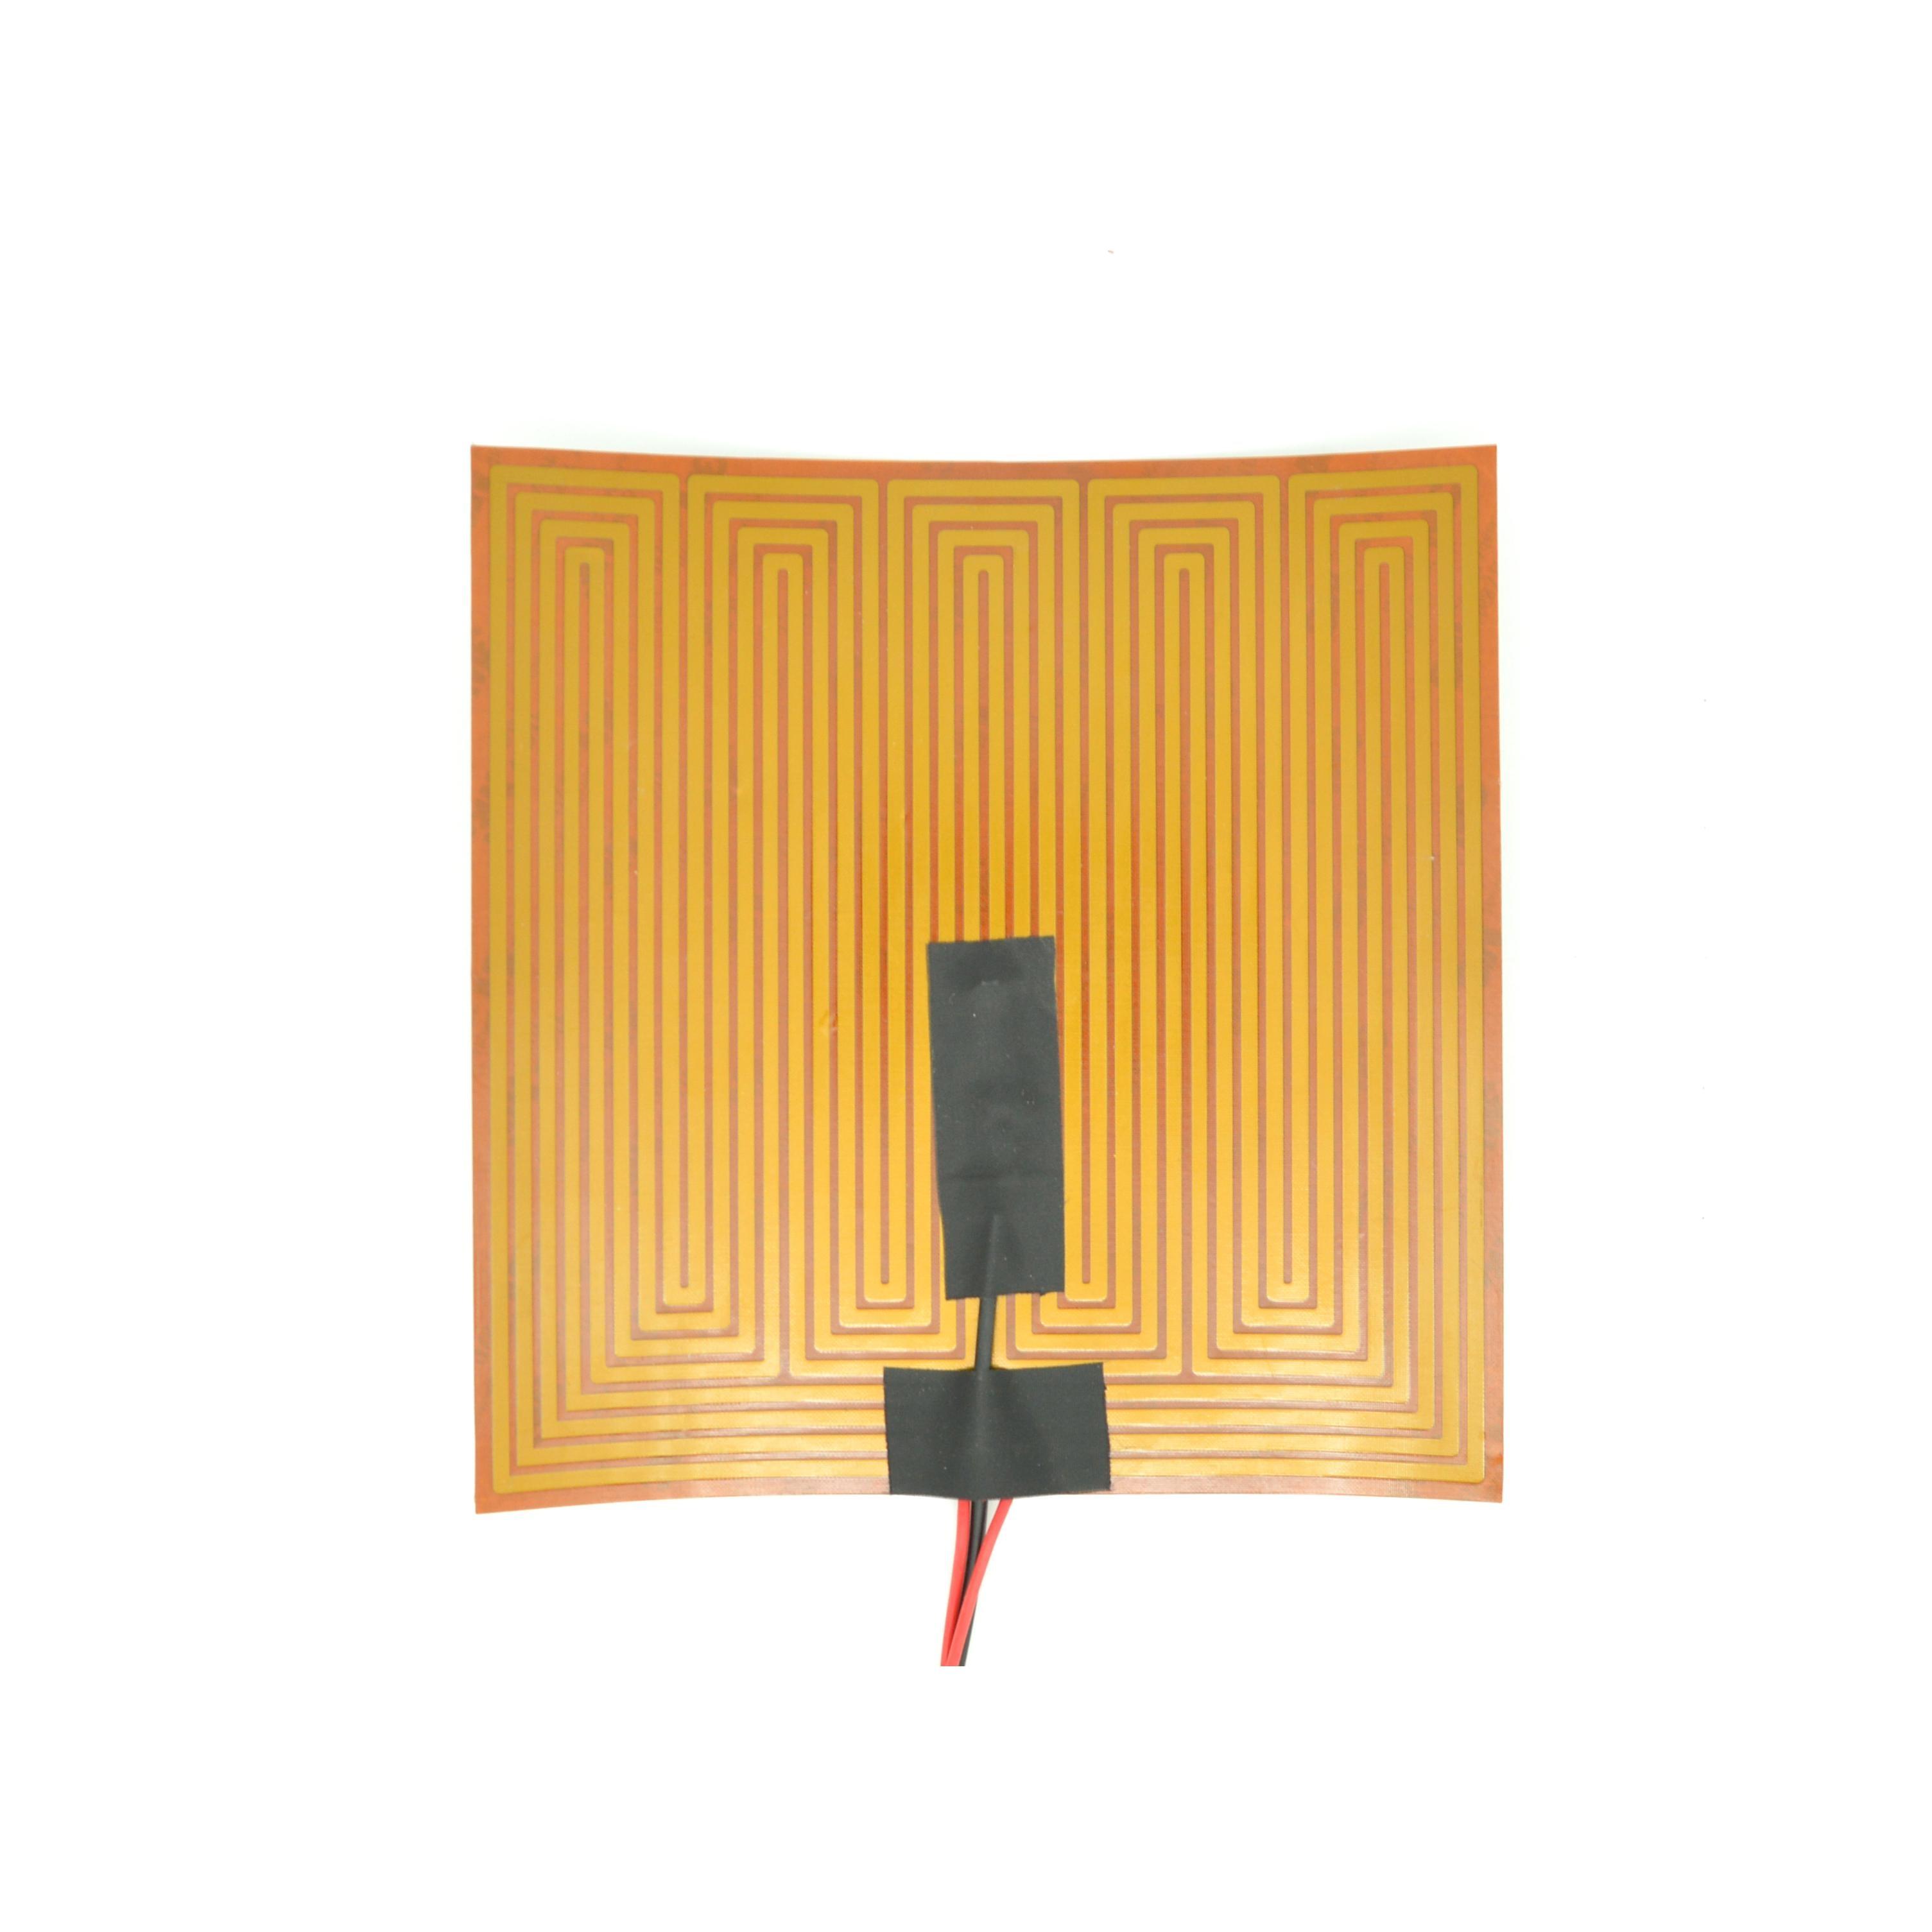 24V 100W 200*200mm Kapton película 3D impresora Heatbed calentador Flexible